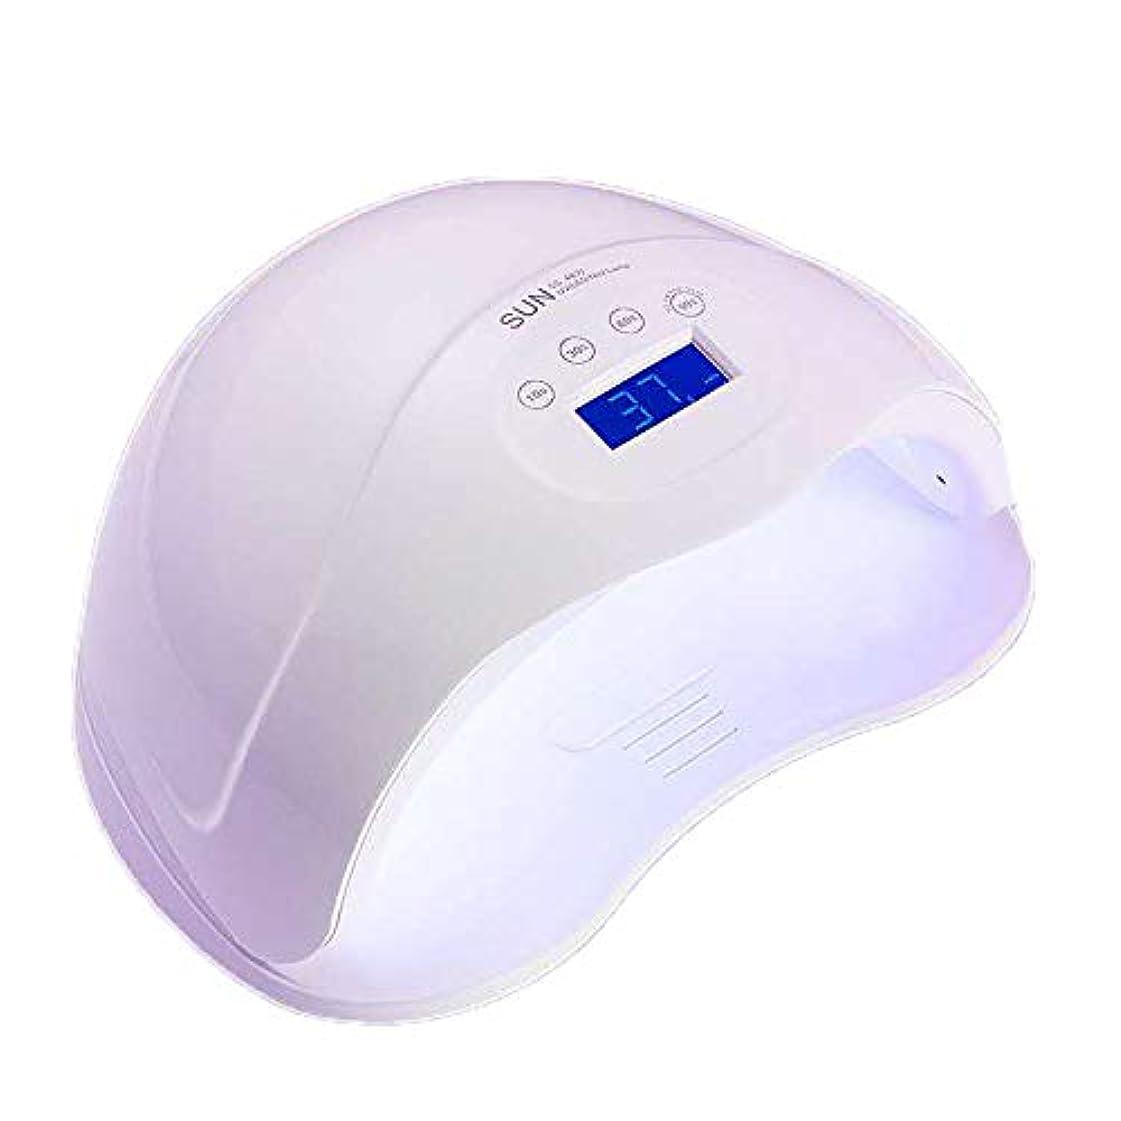 ドールイデオロギースプレーネイルライト48W、UV/LEDネイルドライヤー痛みのない硬化光自動誘導LEDディスプレイ3タイマーセットネイルとトーネイルジェルポリッシュ